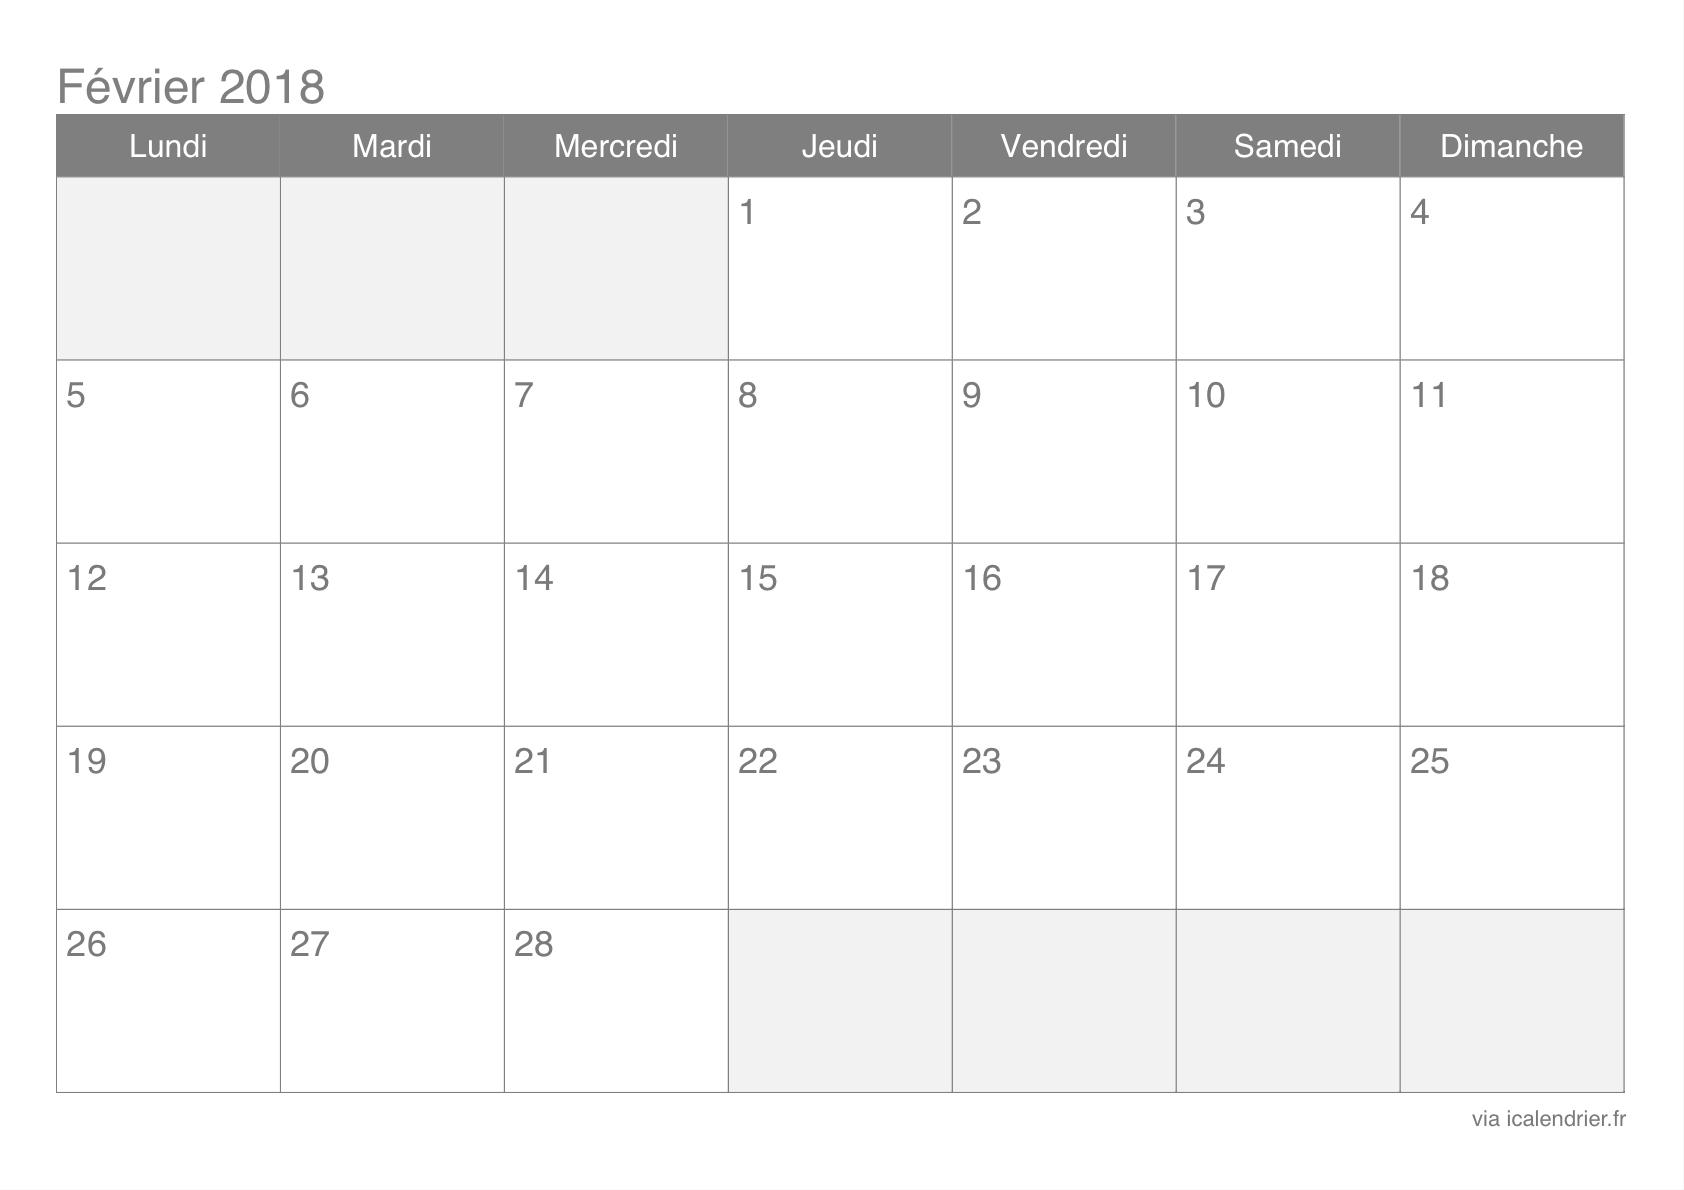 Calendrier Février 2018 À Imprimer - Icalendrier intérieur Calendrier Mensuel 2018 À Imprimer